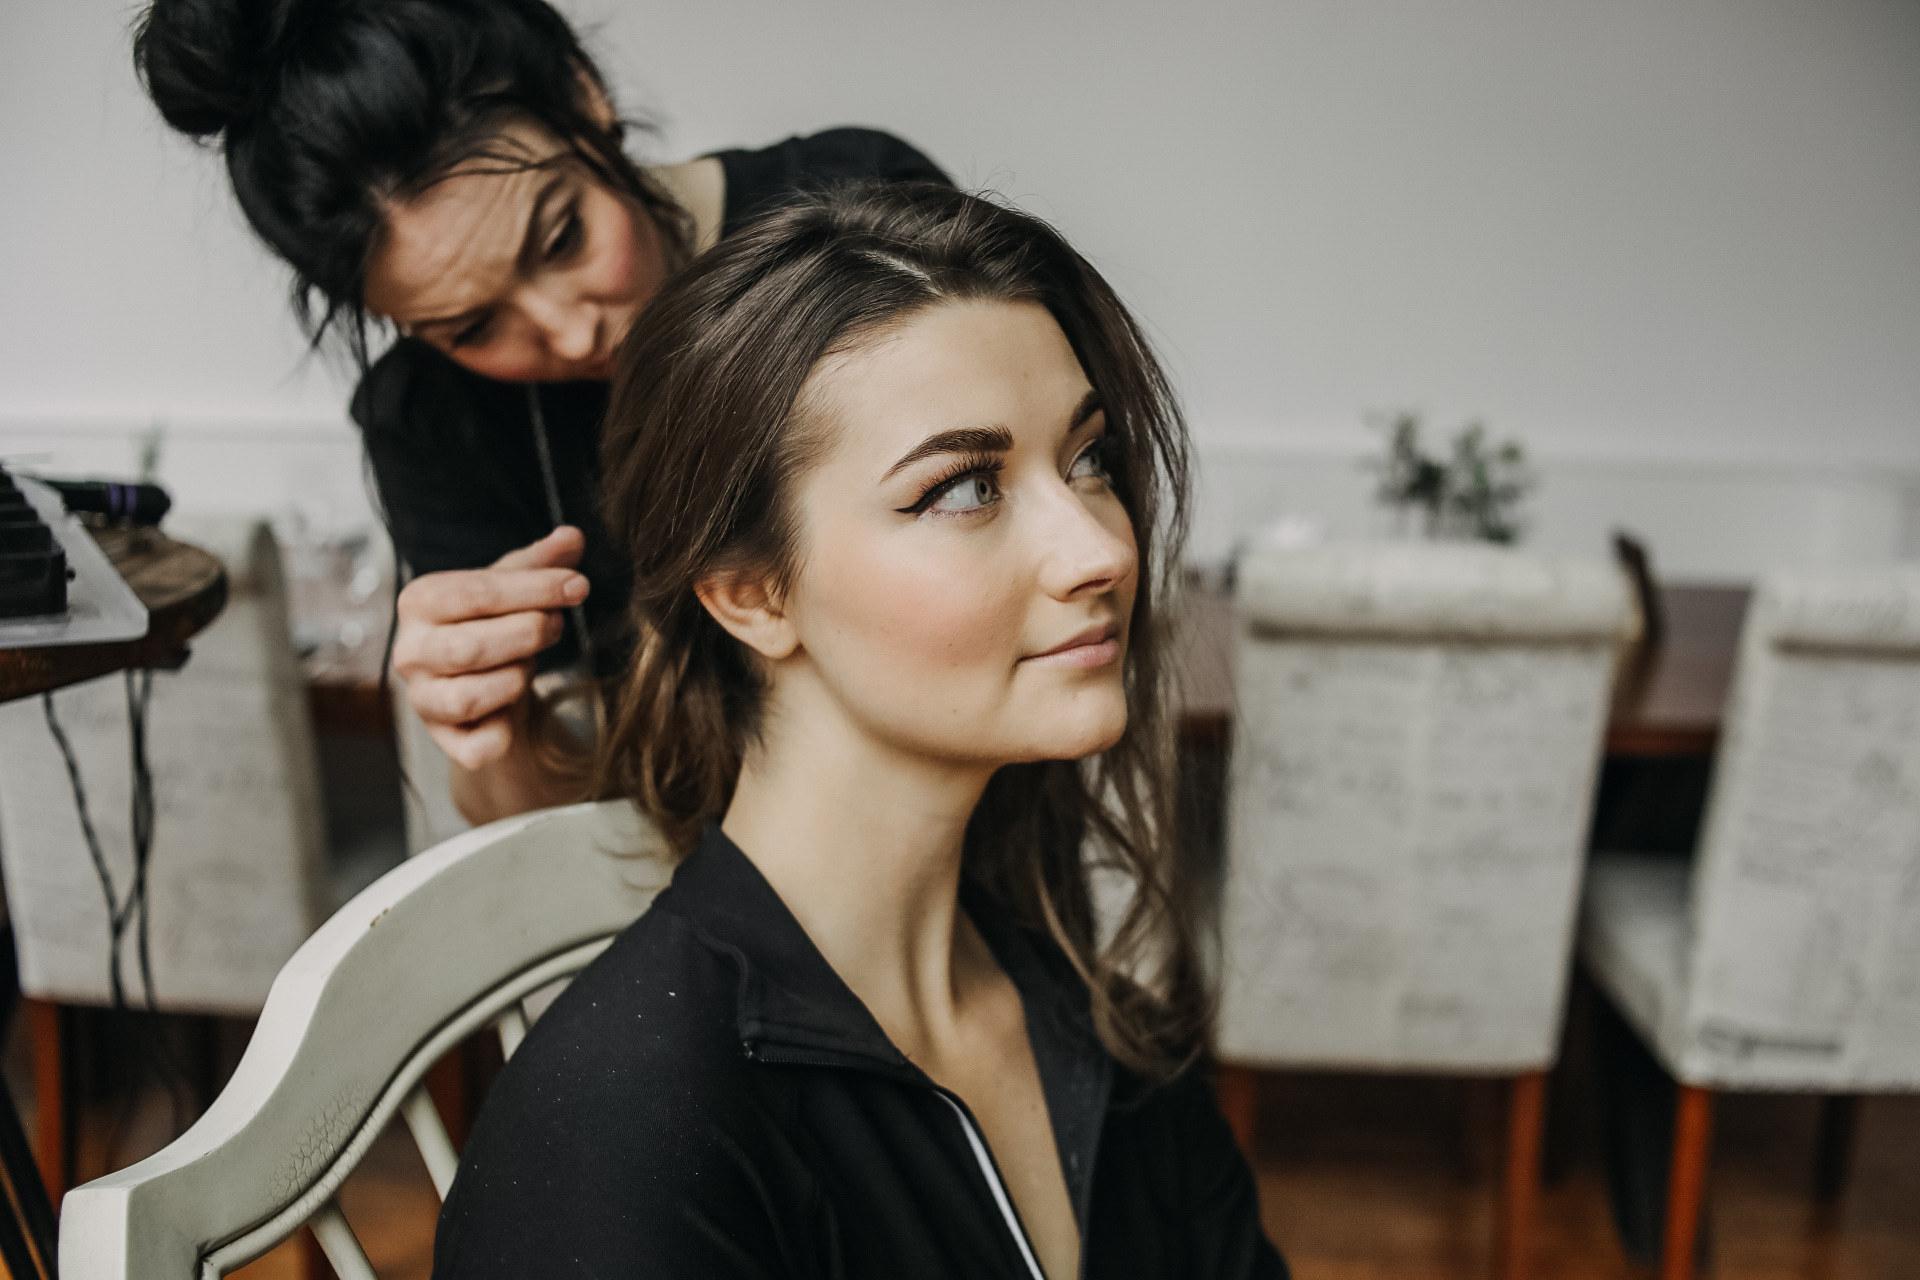 Photo- Bridgette Benson Photography, Hair- Katie Keller , Makeup- Giselle Dozier